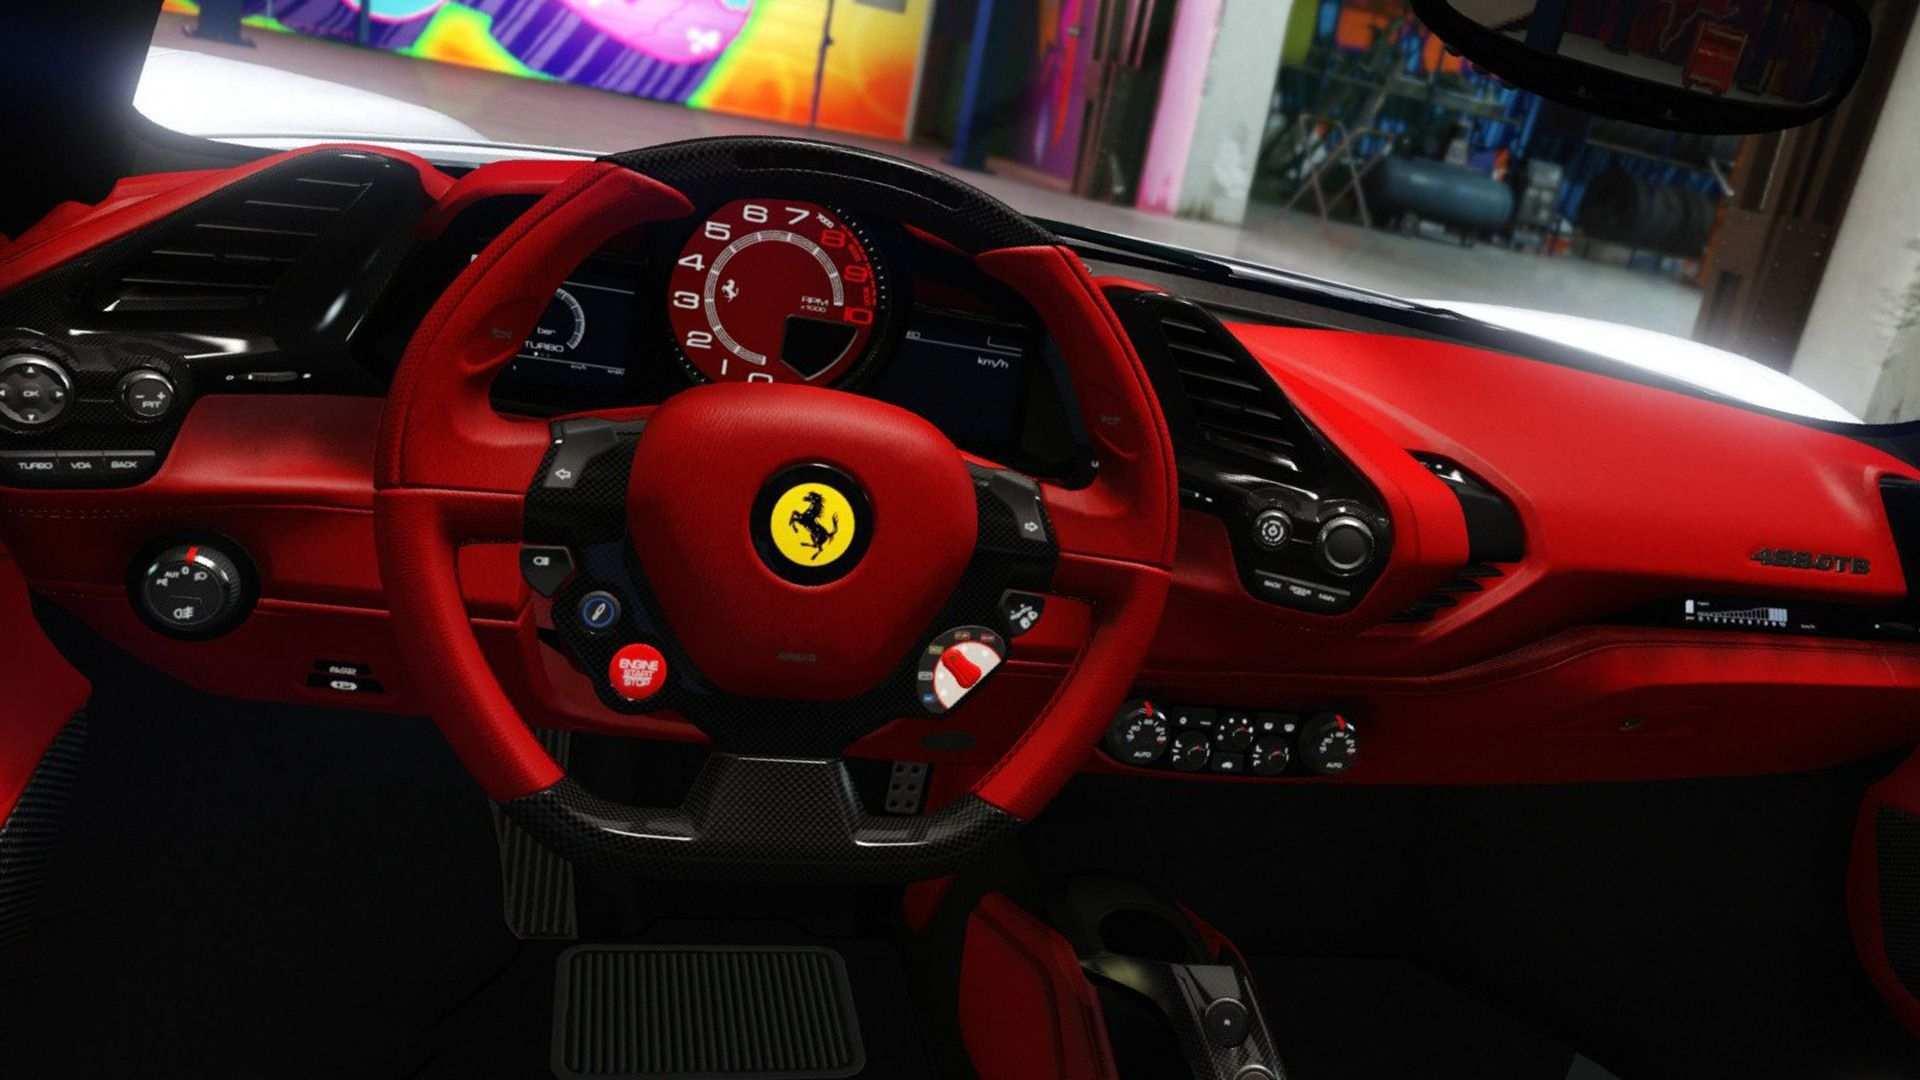 88 The The Ferrari In Uscita 2019 Price Concept with The Ferrari In Uscita 2019 Price